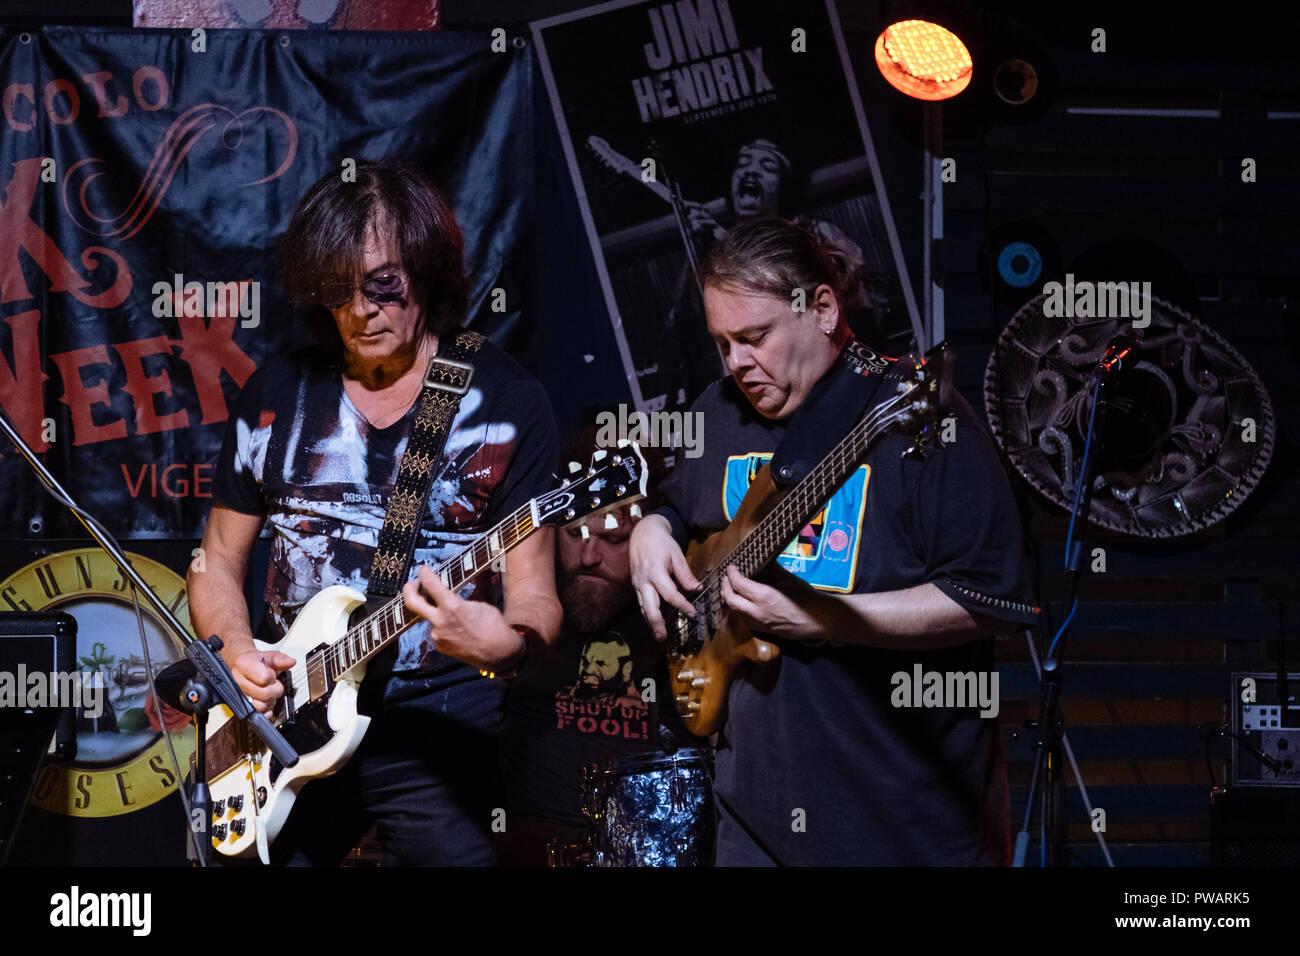 Maurizio Solieri, Max Gelsi and Ivano Zanotti - Live in Vigevano Stock Photo